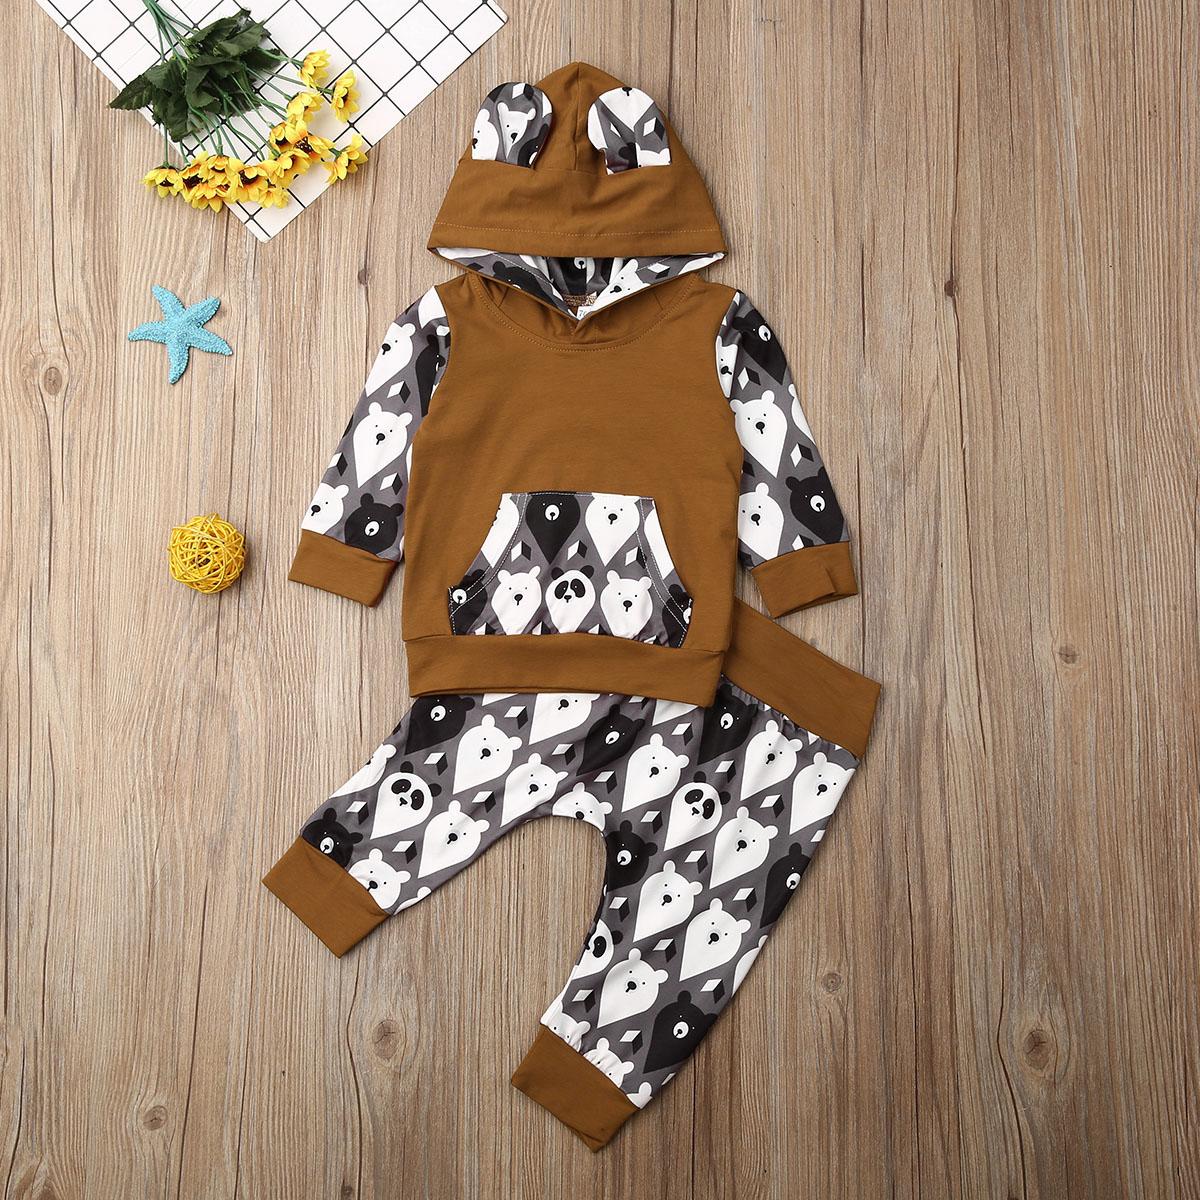 Pudcoco Winter Neugeborenen Baby Junge Mädchen Kleidung Cartoon Bär Drucken Mit Kapuze Tops Lange Hosen 2Pcs Outfits Cottton Kleidung Trainingsanzug